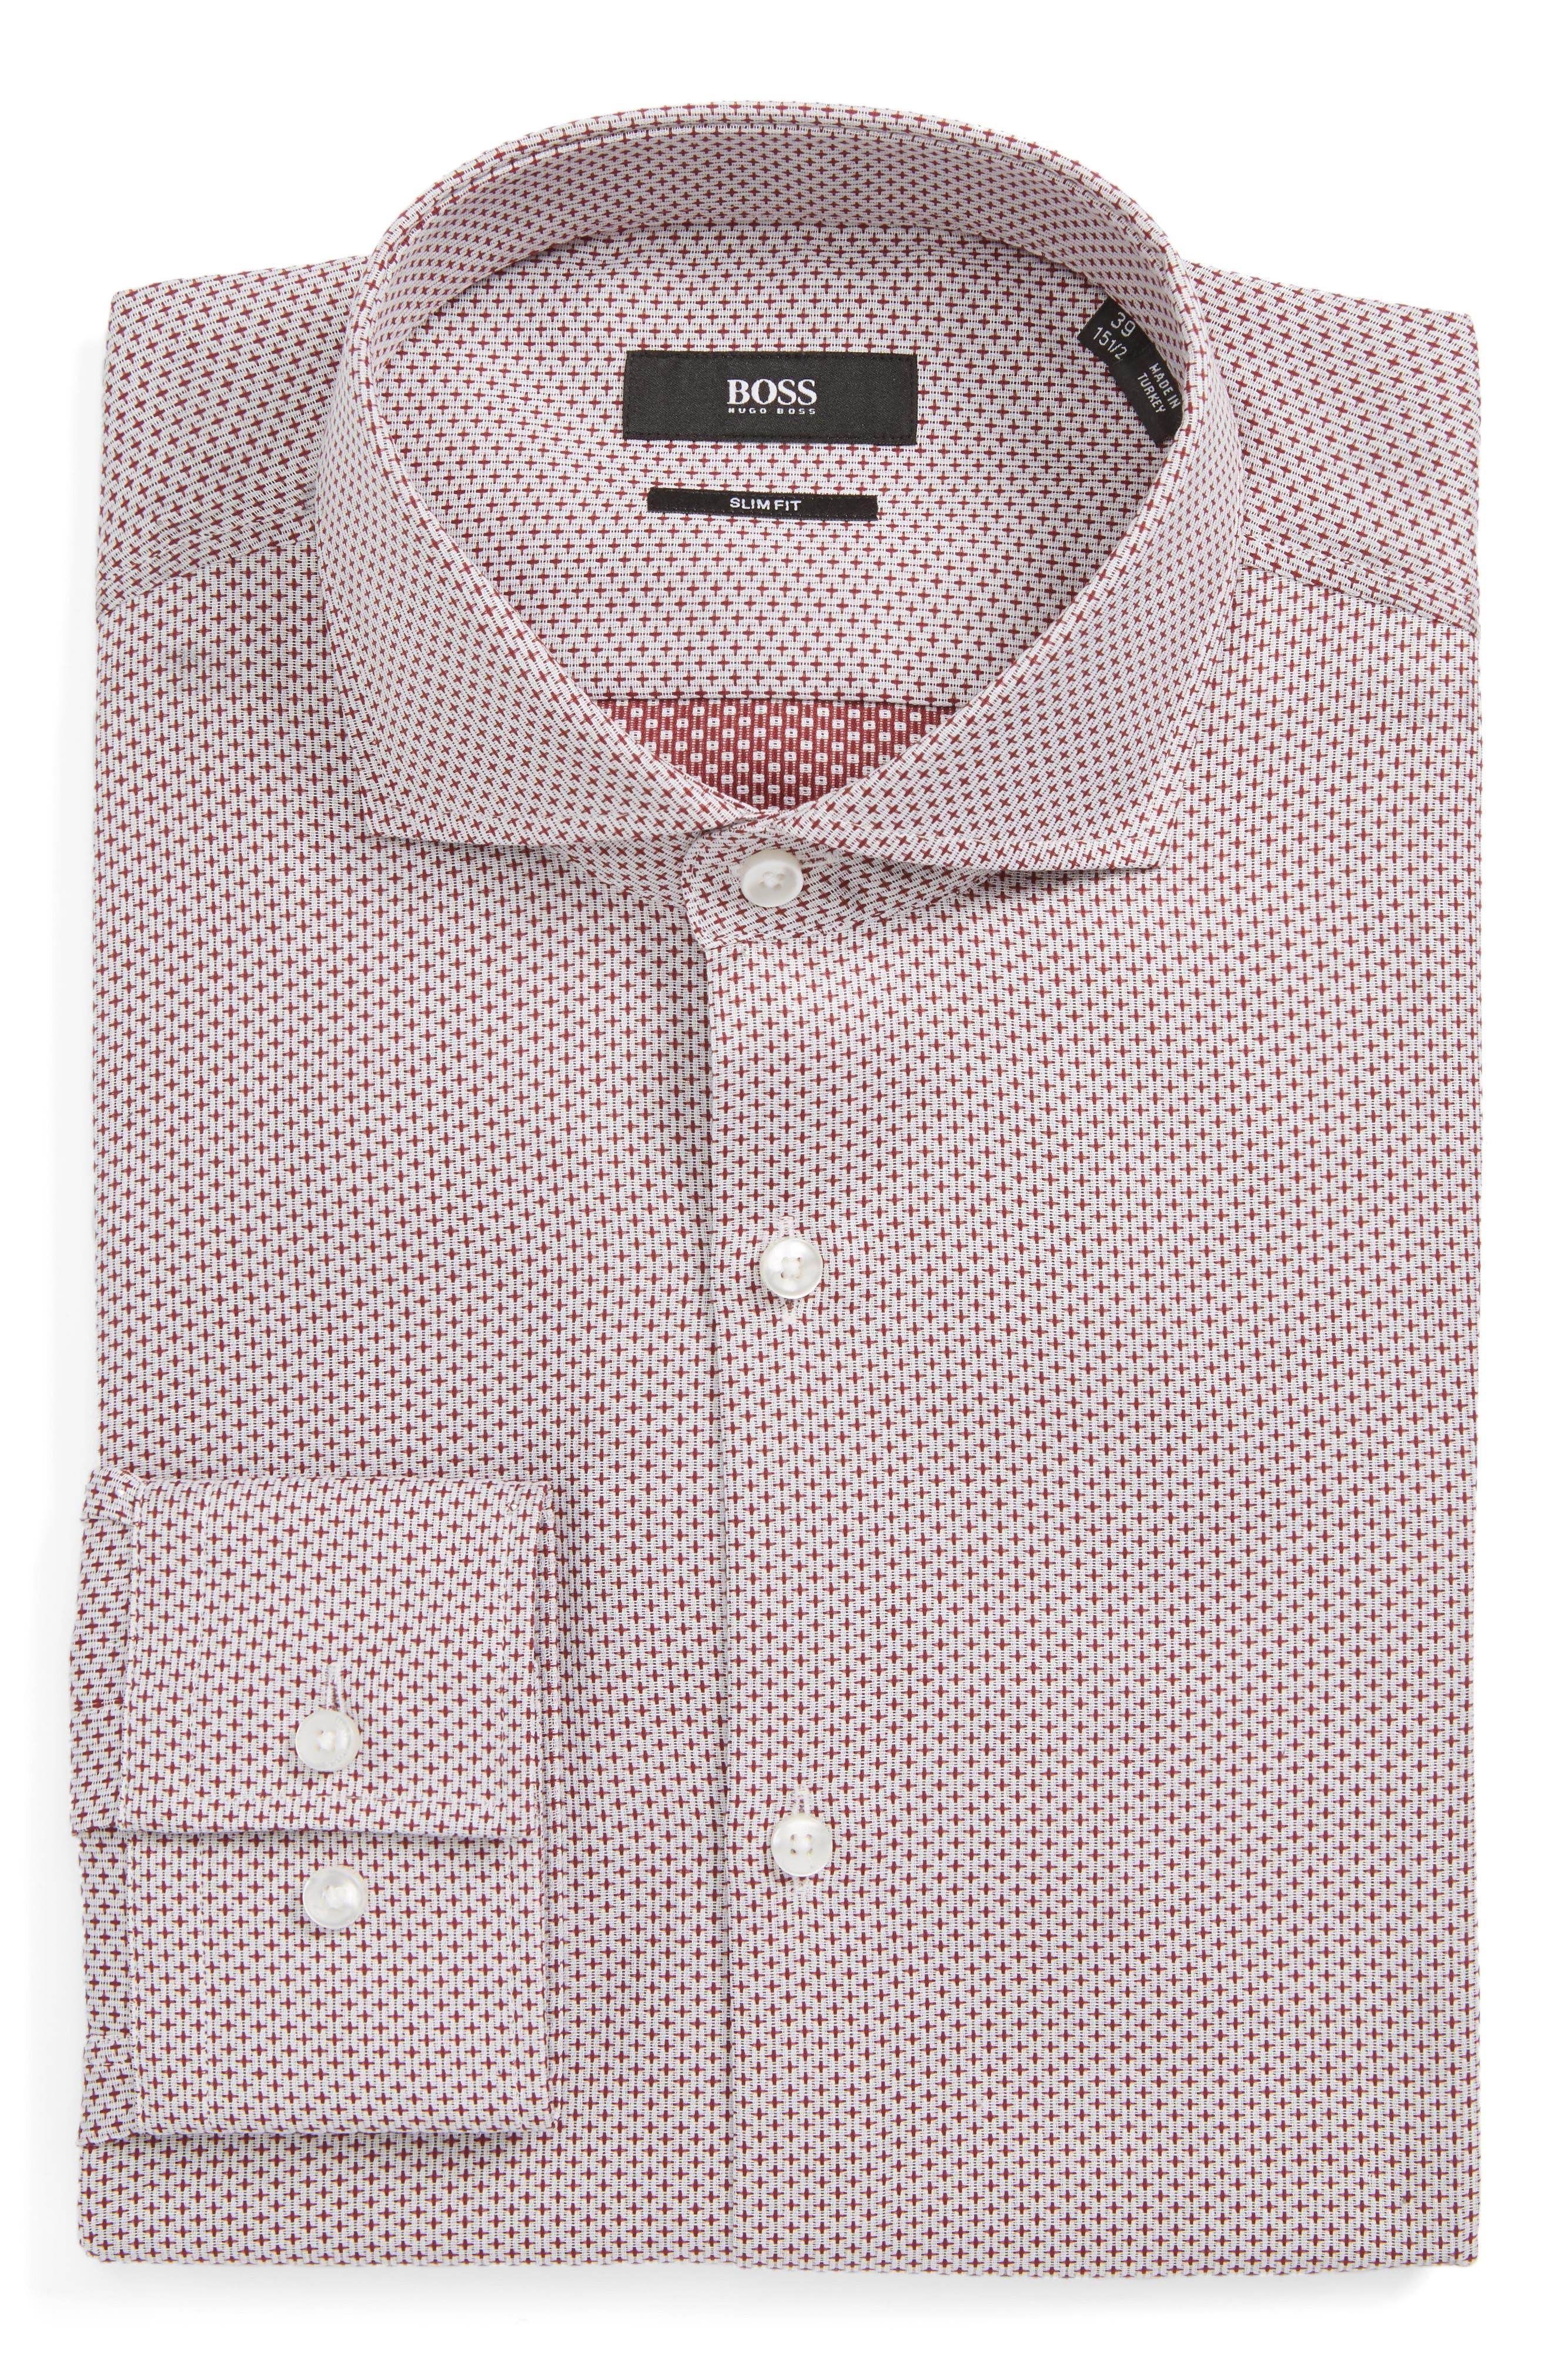 Jason Slim Fit Dress Shirt,                             Main thumbnail 1, color,                             Burgundy